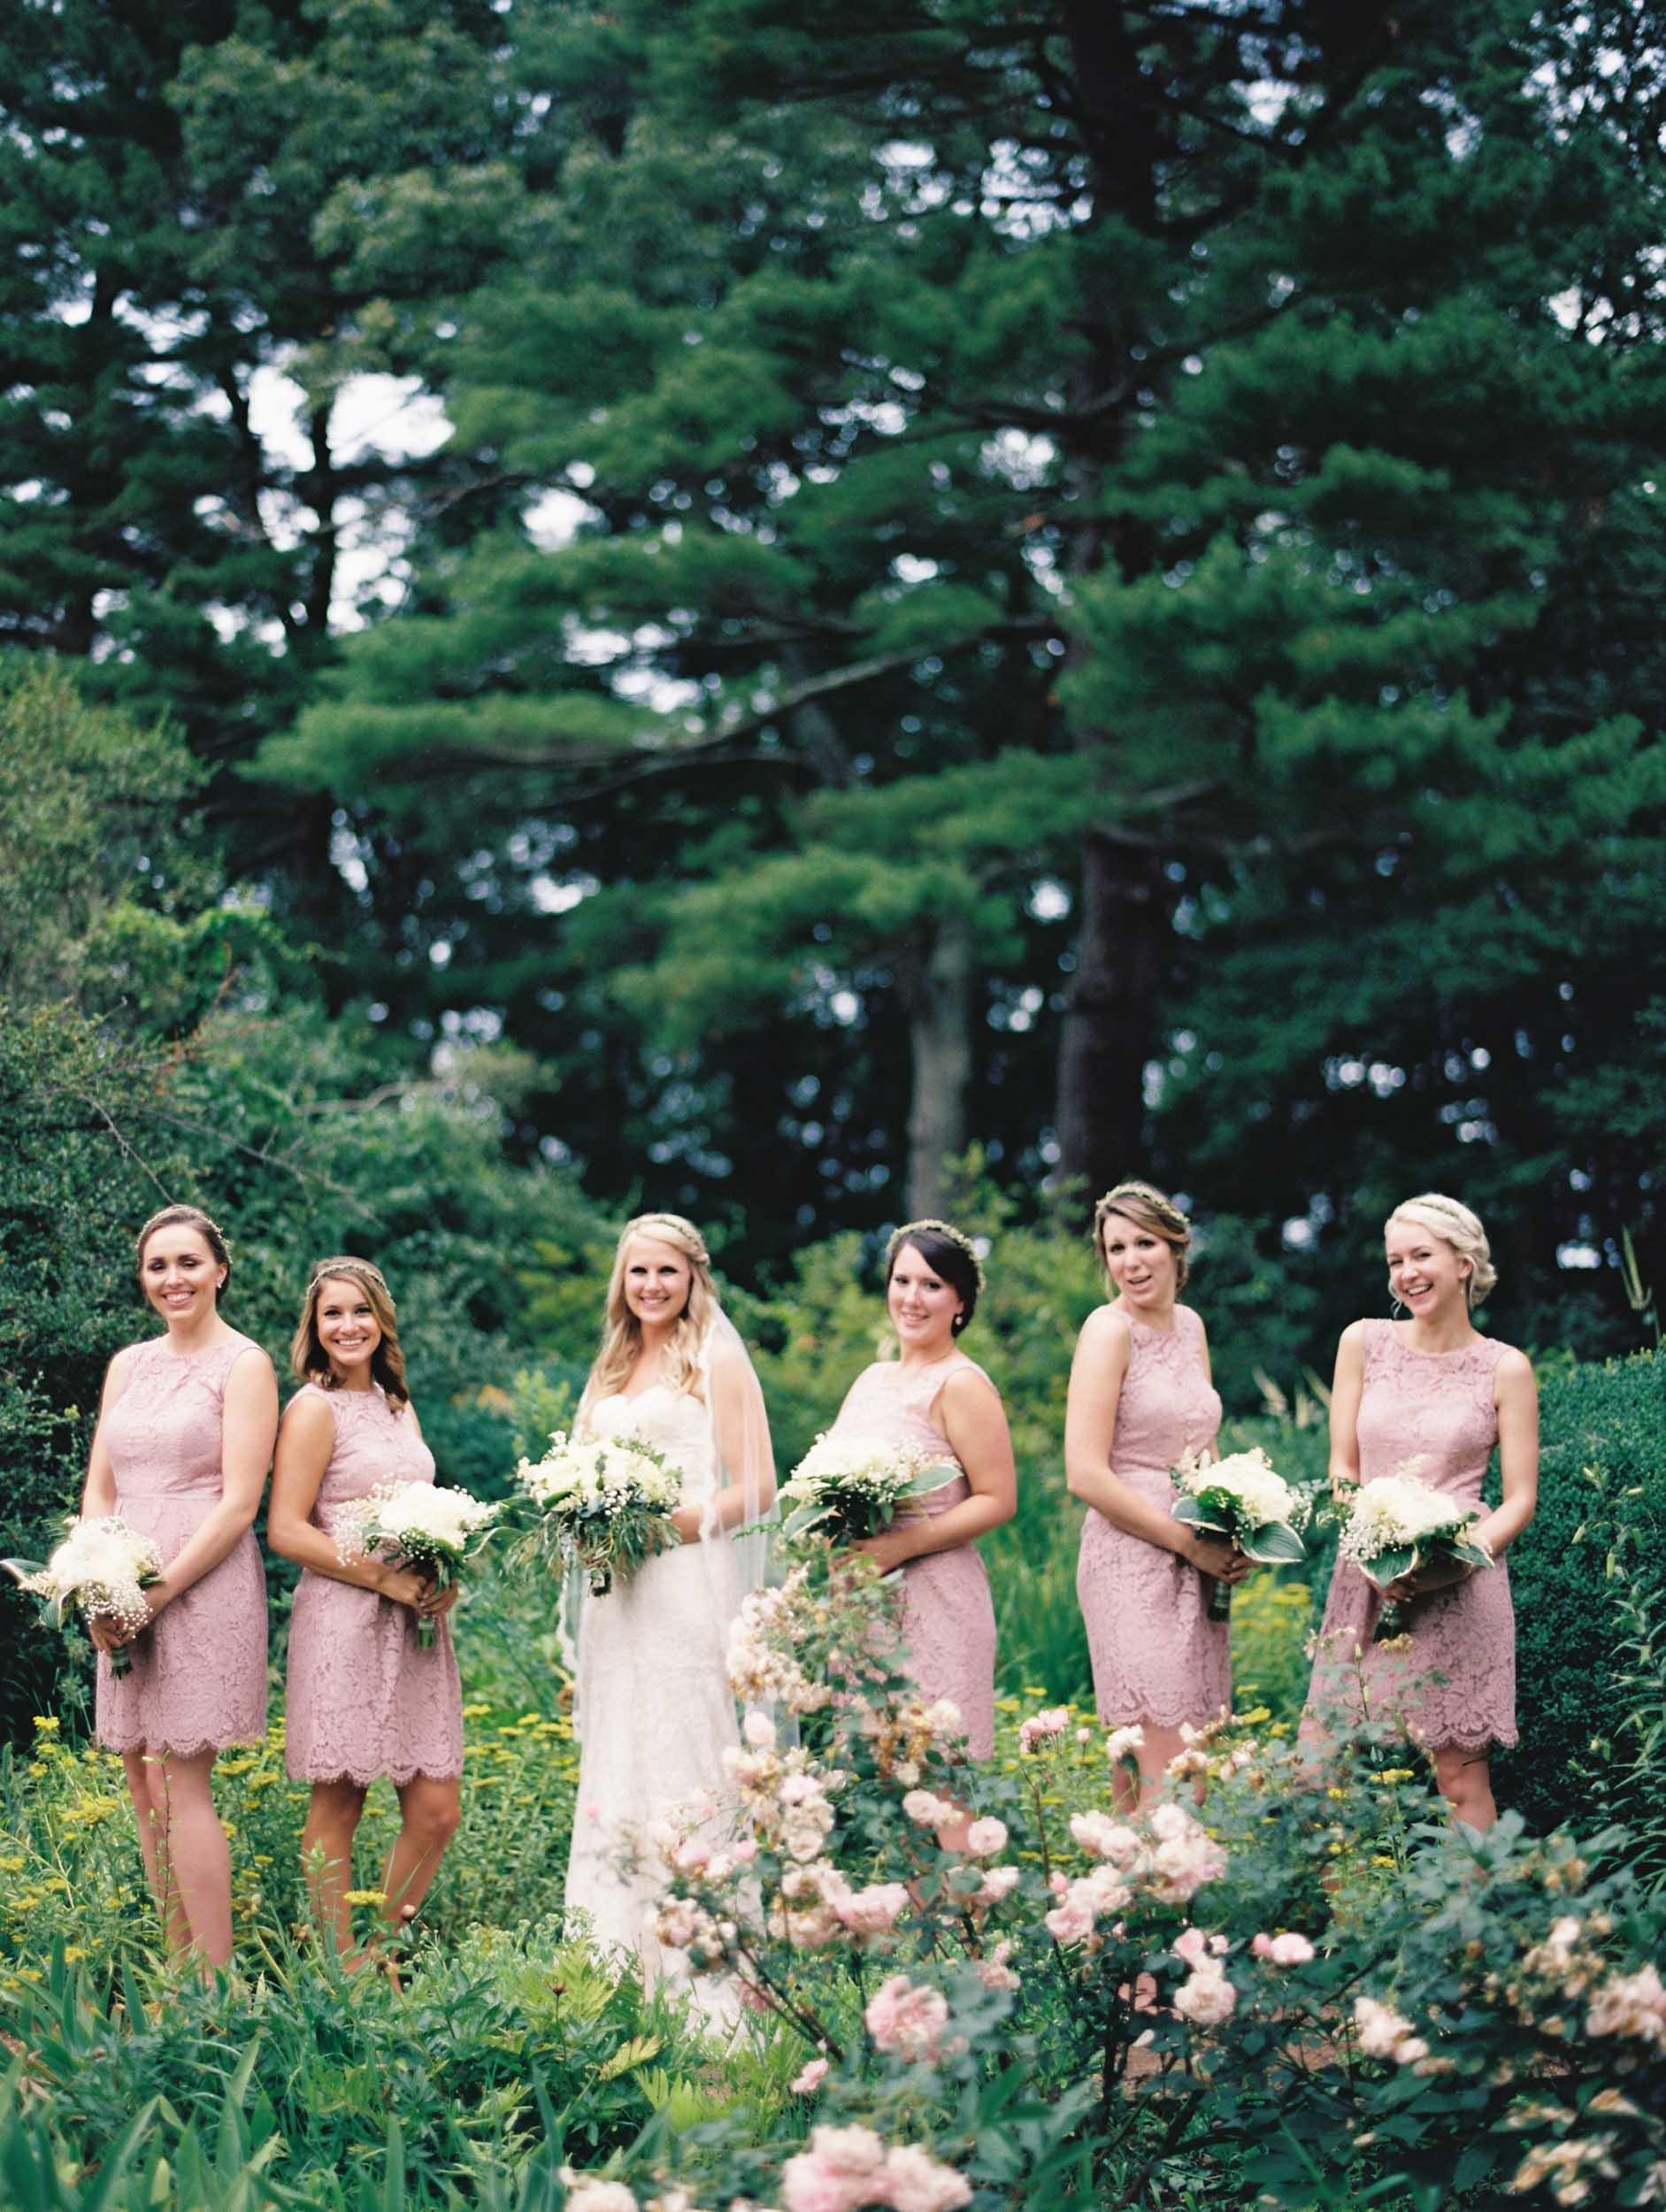 Morraine-Farm-Wedding-14.jpg